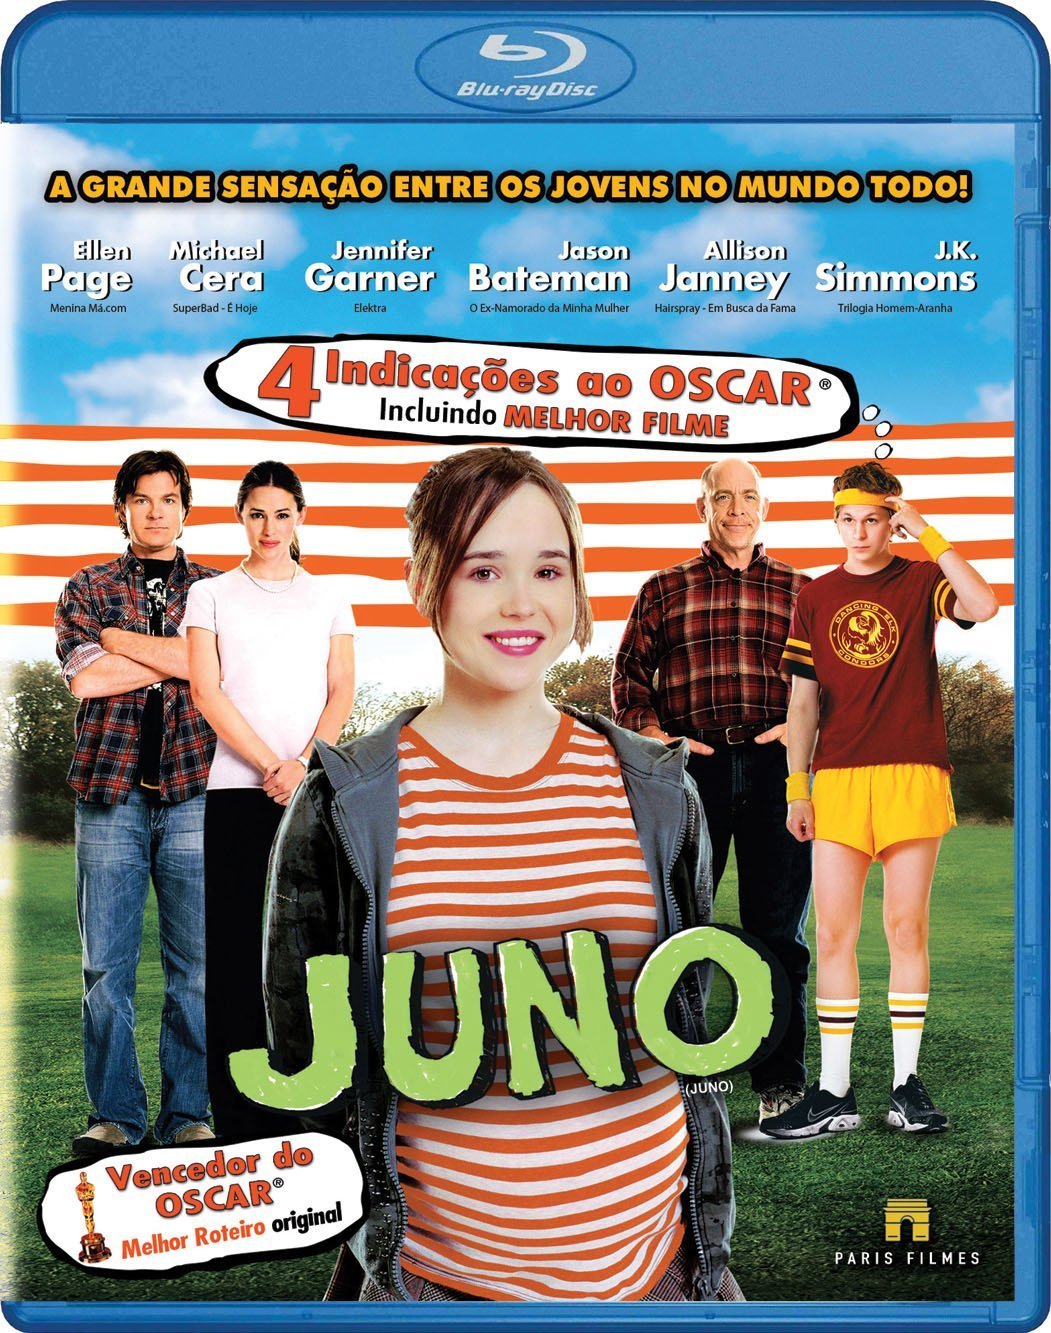 Juno 2007